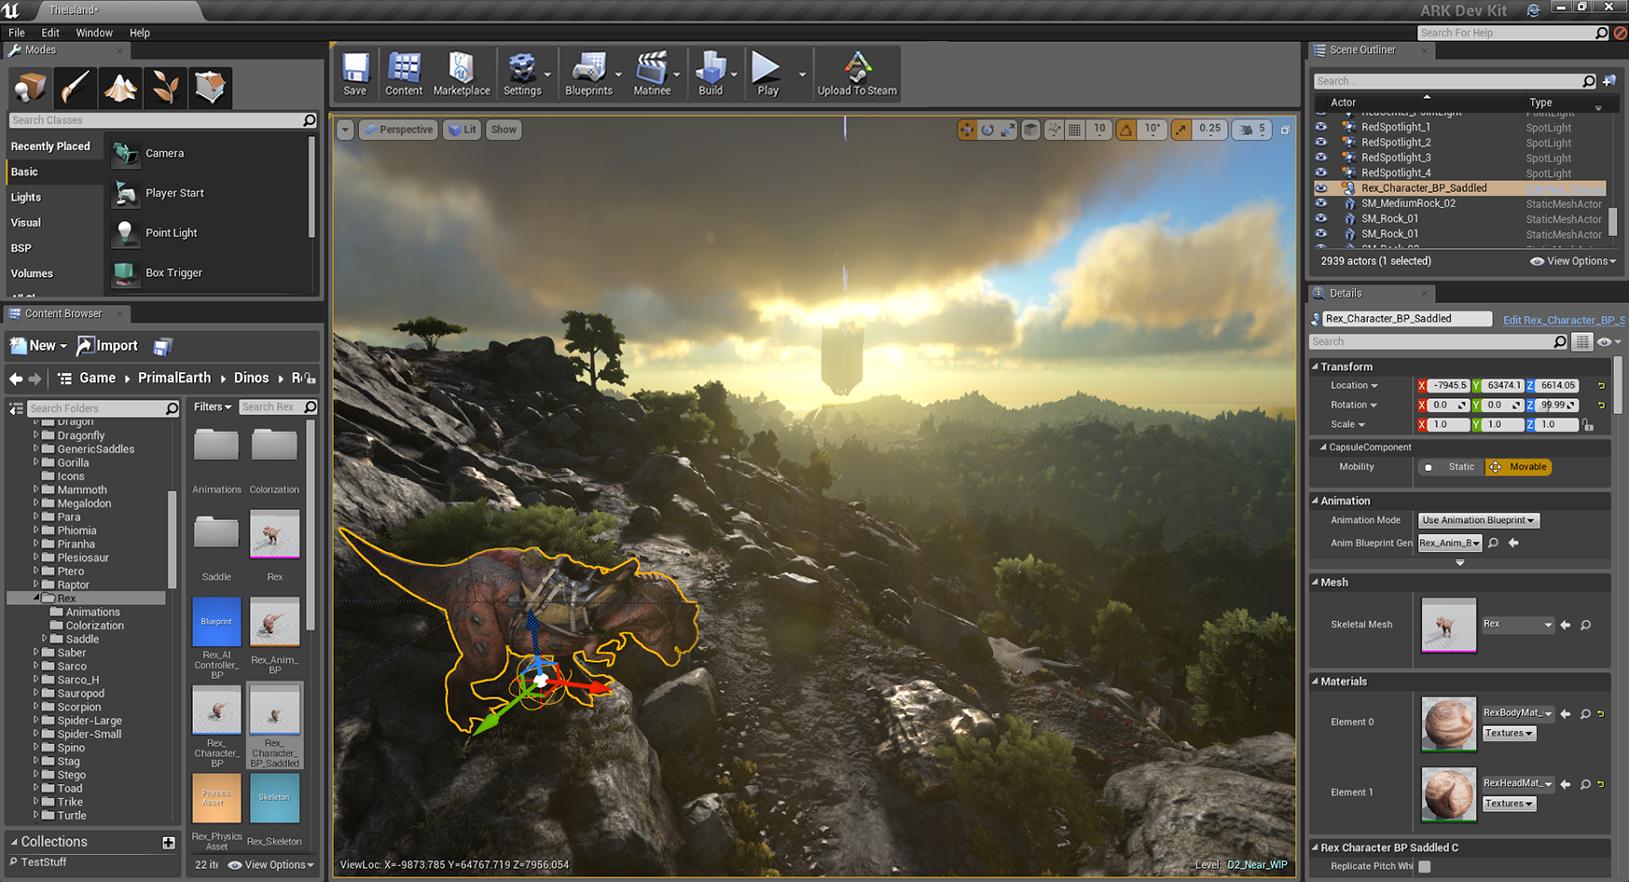 ARK Survival Evolved Dev Kit Update!